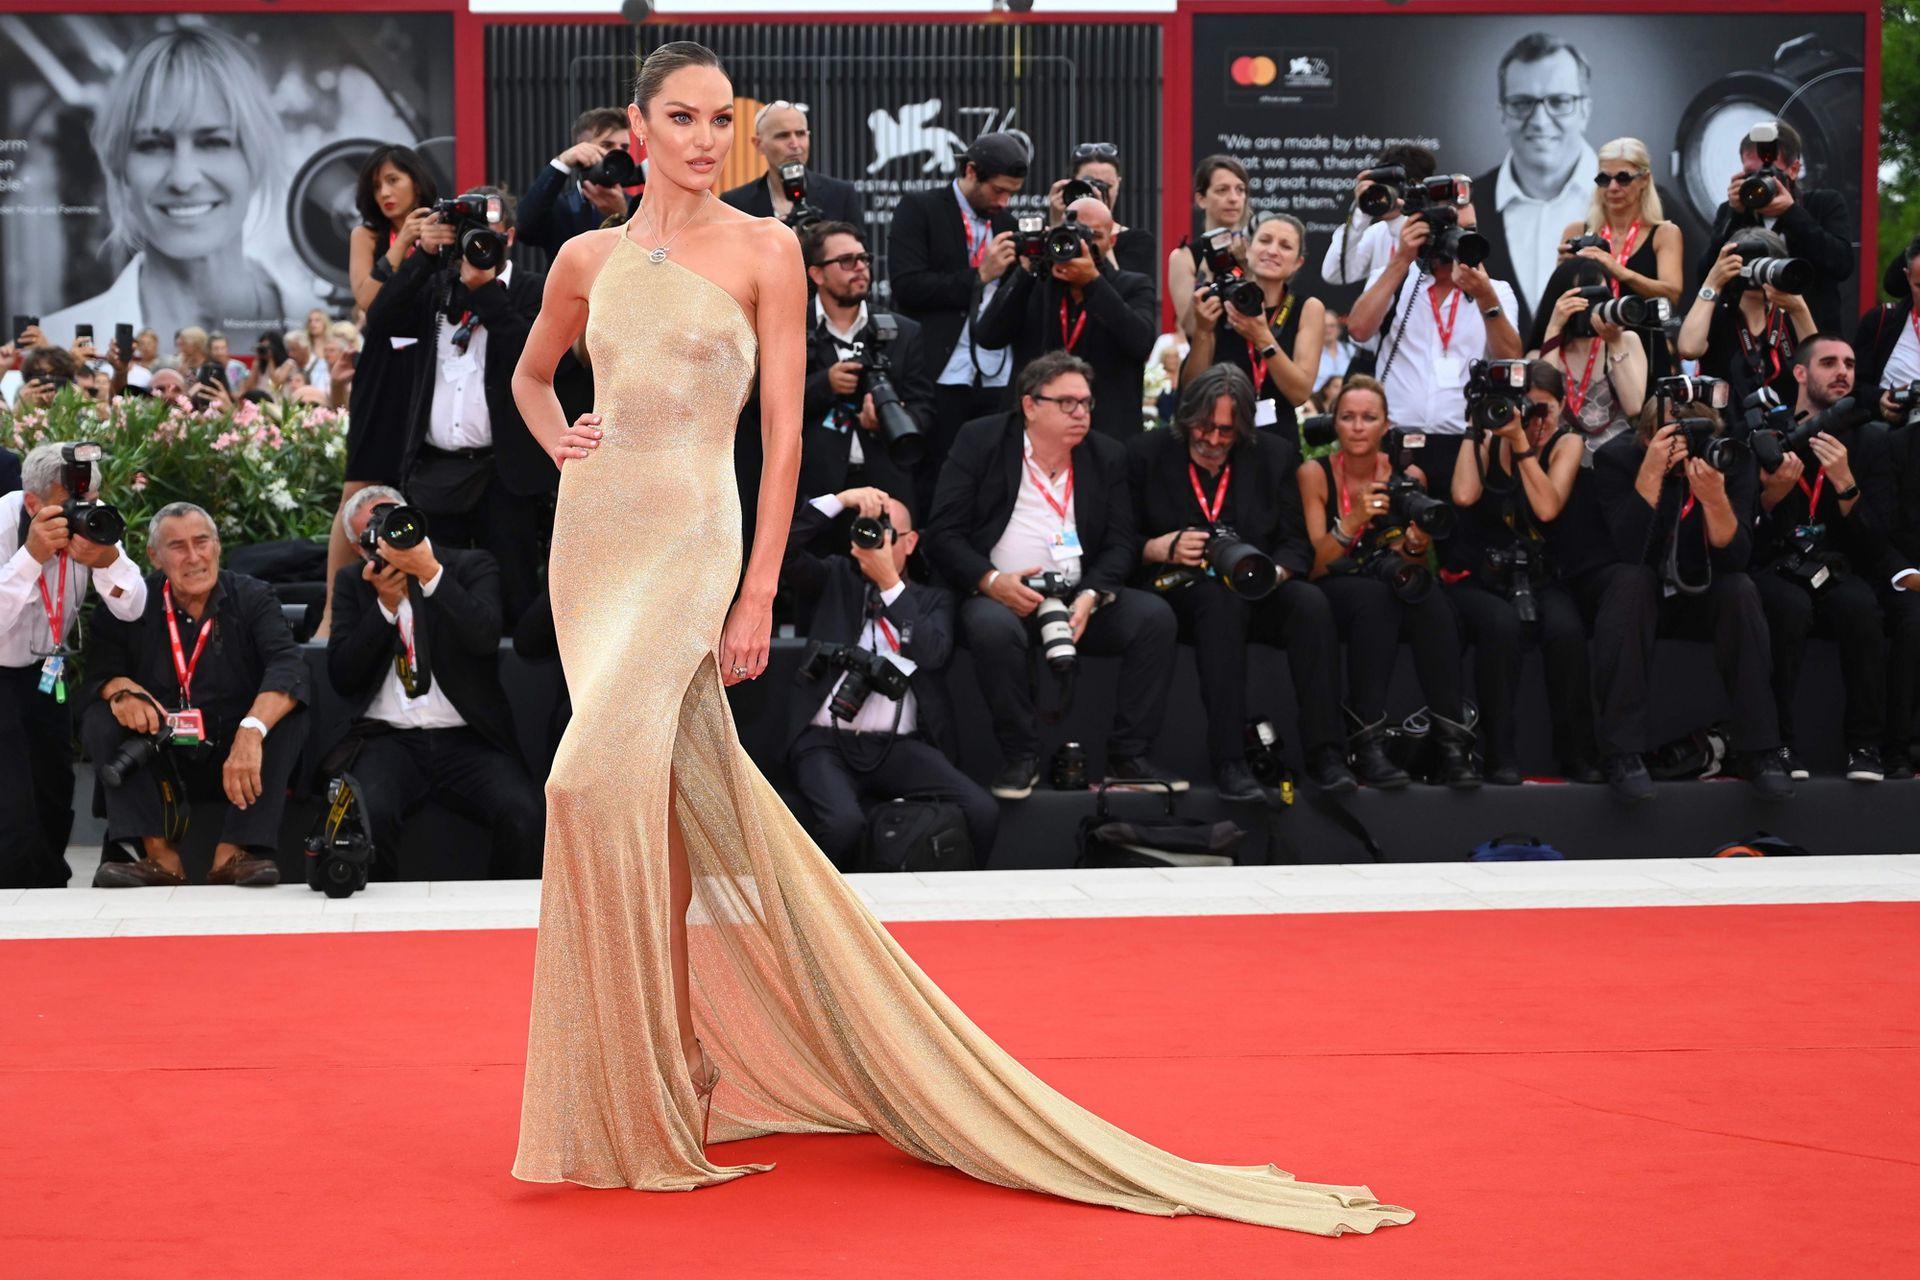 La modelo Candice Swanepoel se robó todas las miradas con un vestido ceñido al cuerpo en tono dorado, de la firma Etro